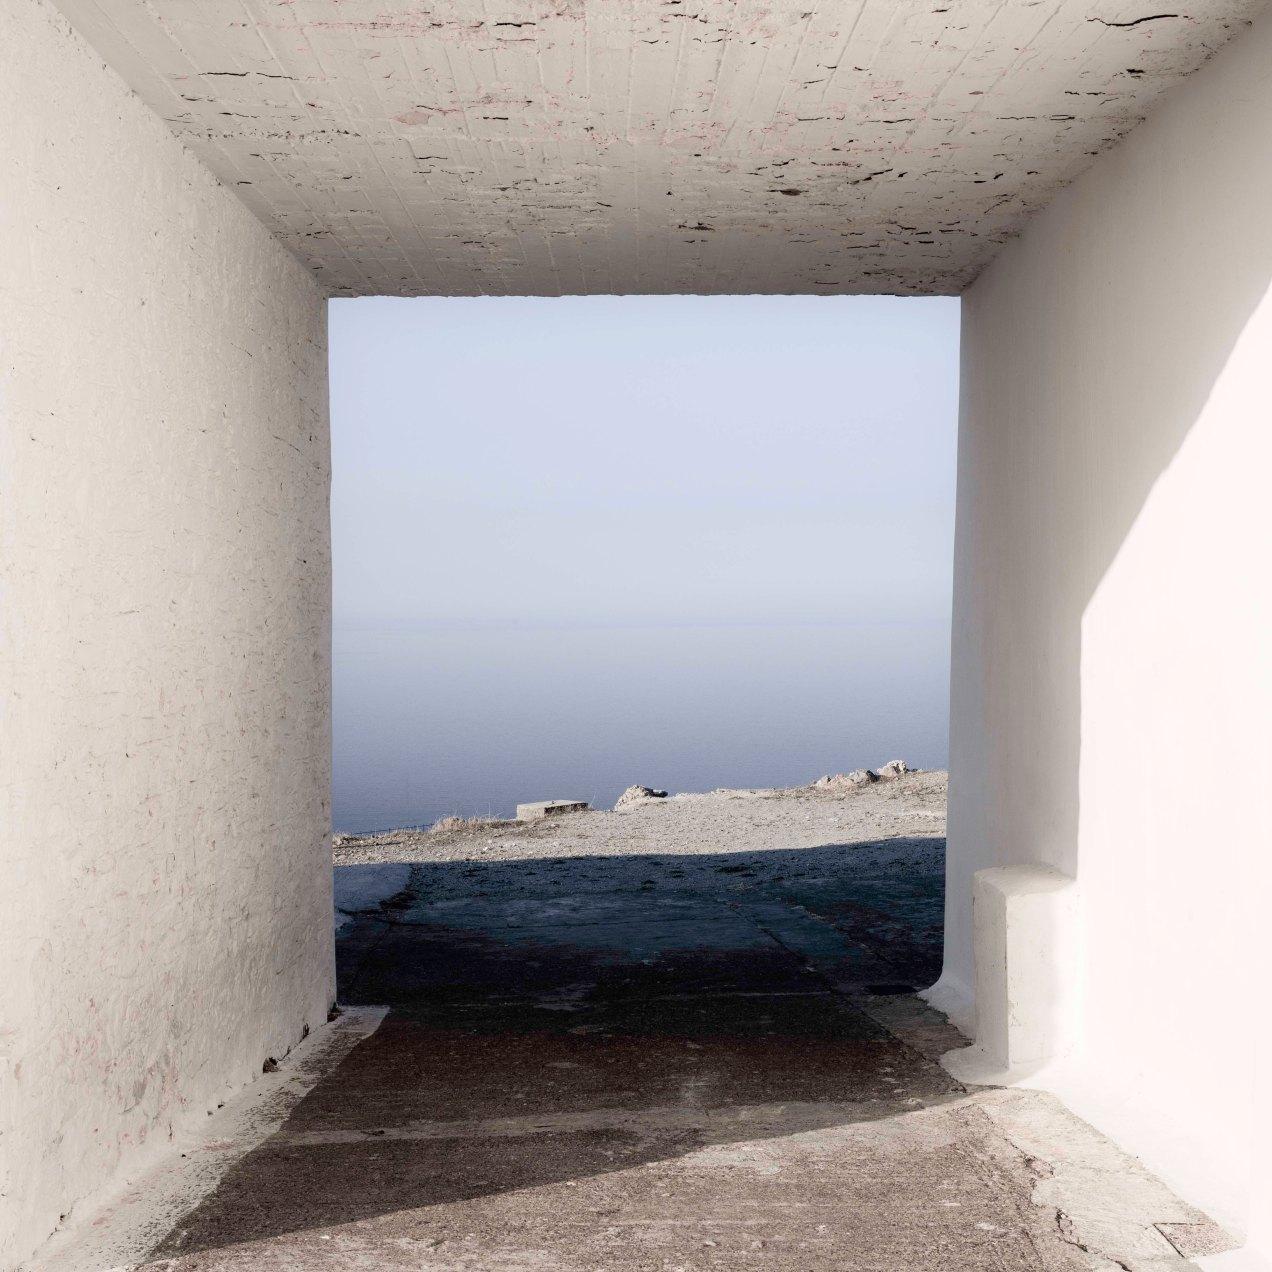 Ouverture sur la mer, gildalliere, Cythère, 2018